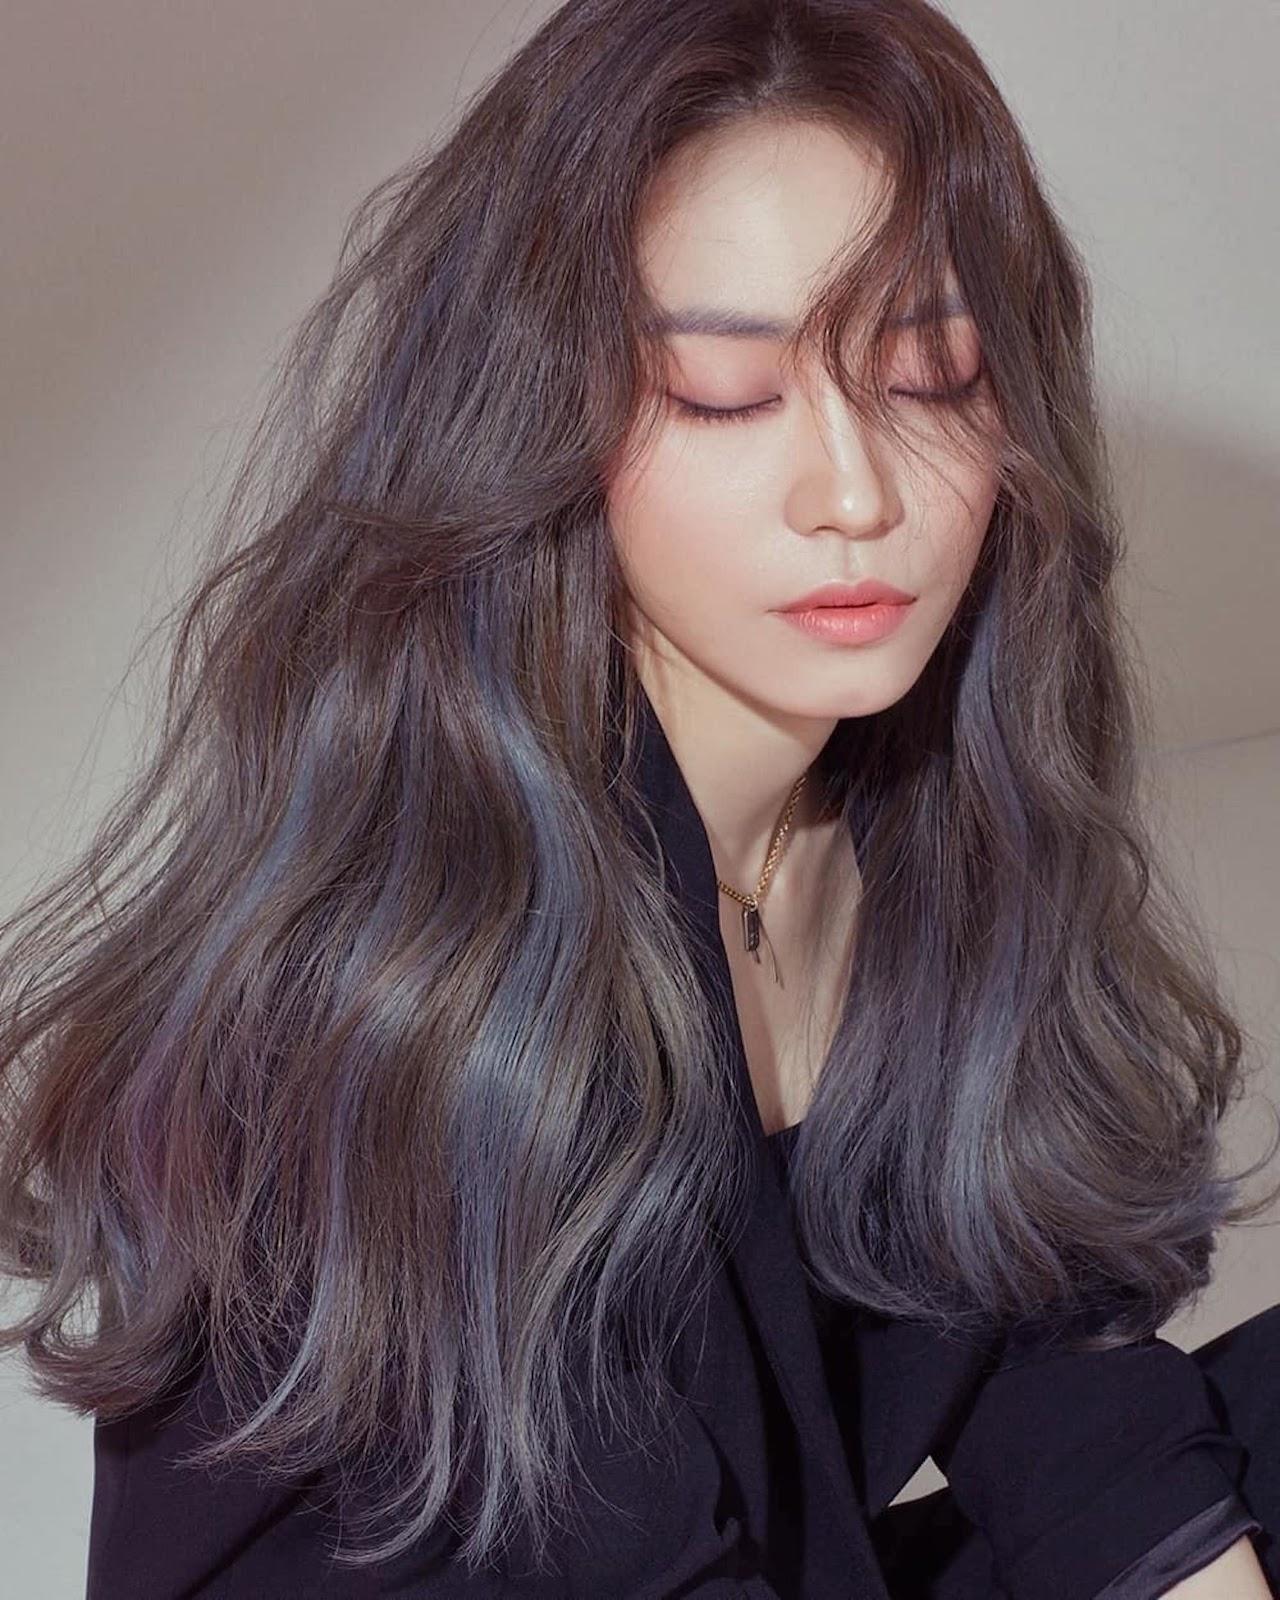 Màu tóc hightlight Hàn Quốc